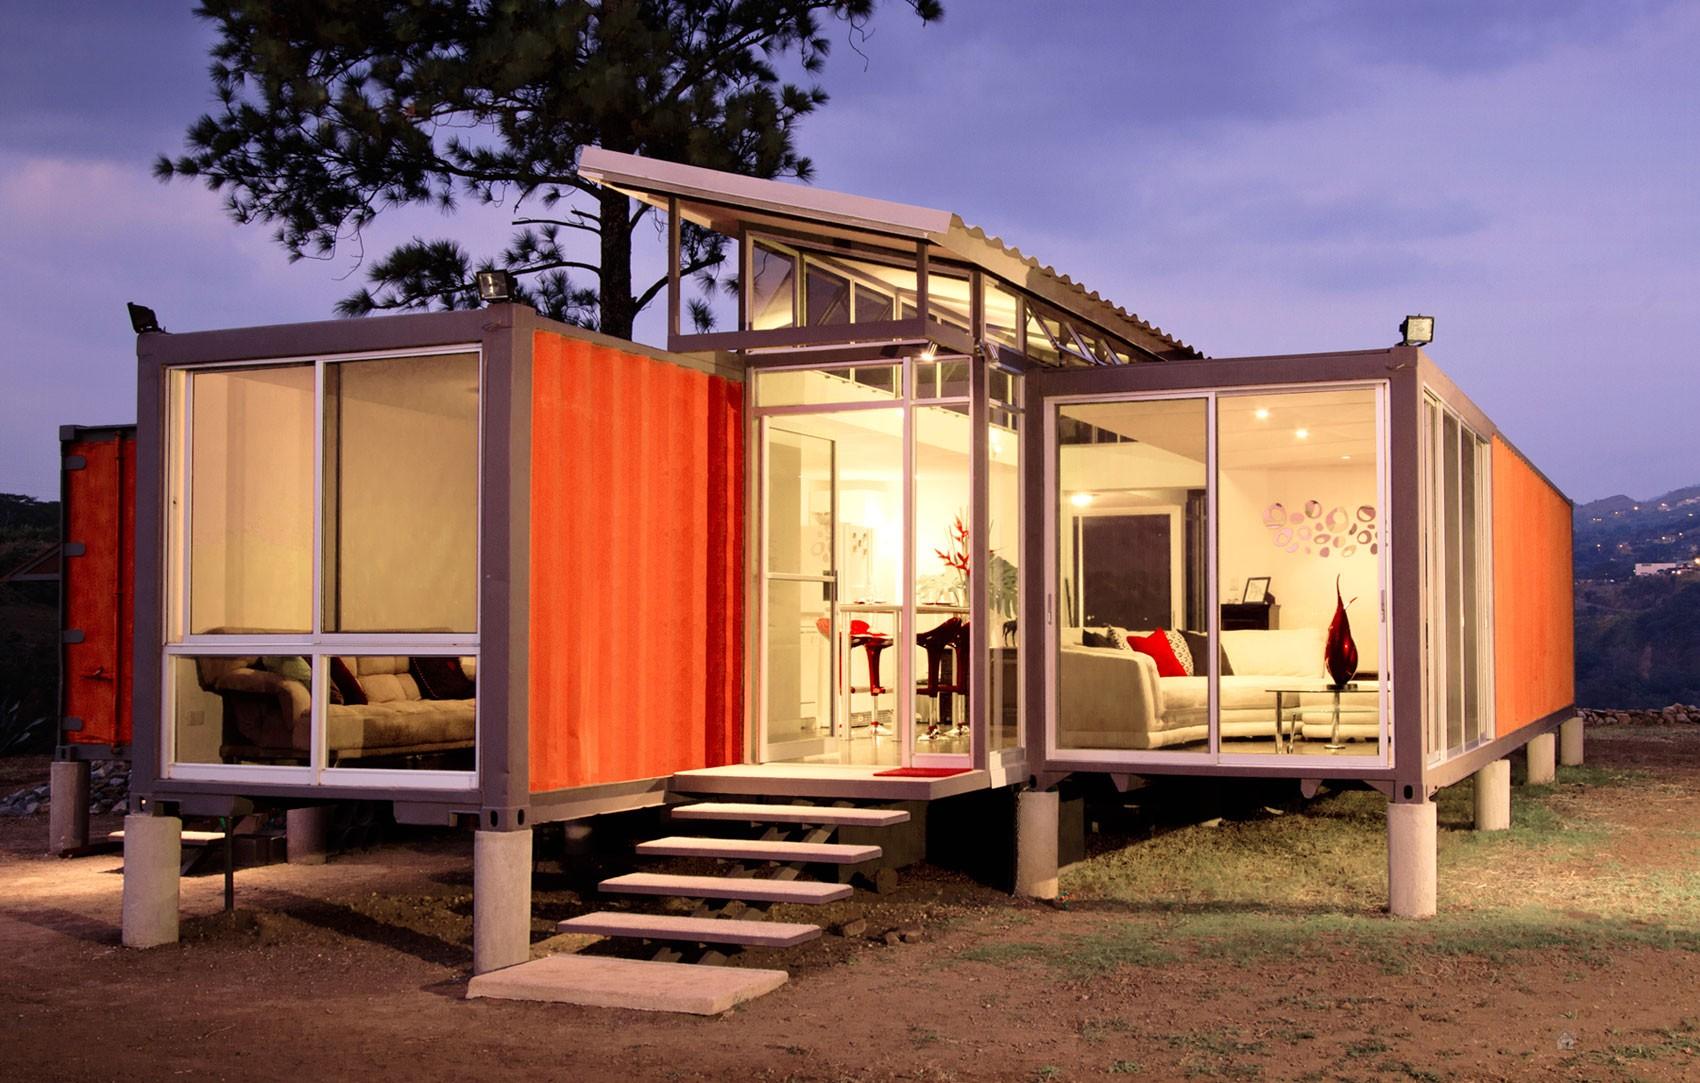 Chiêm ngưỡng 20 ngôi nhà đẹp như mơ làm từ container hàng hóa - Ảnh 1.